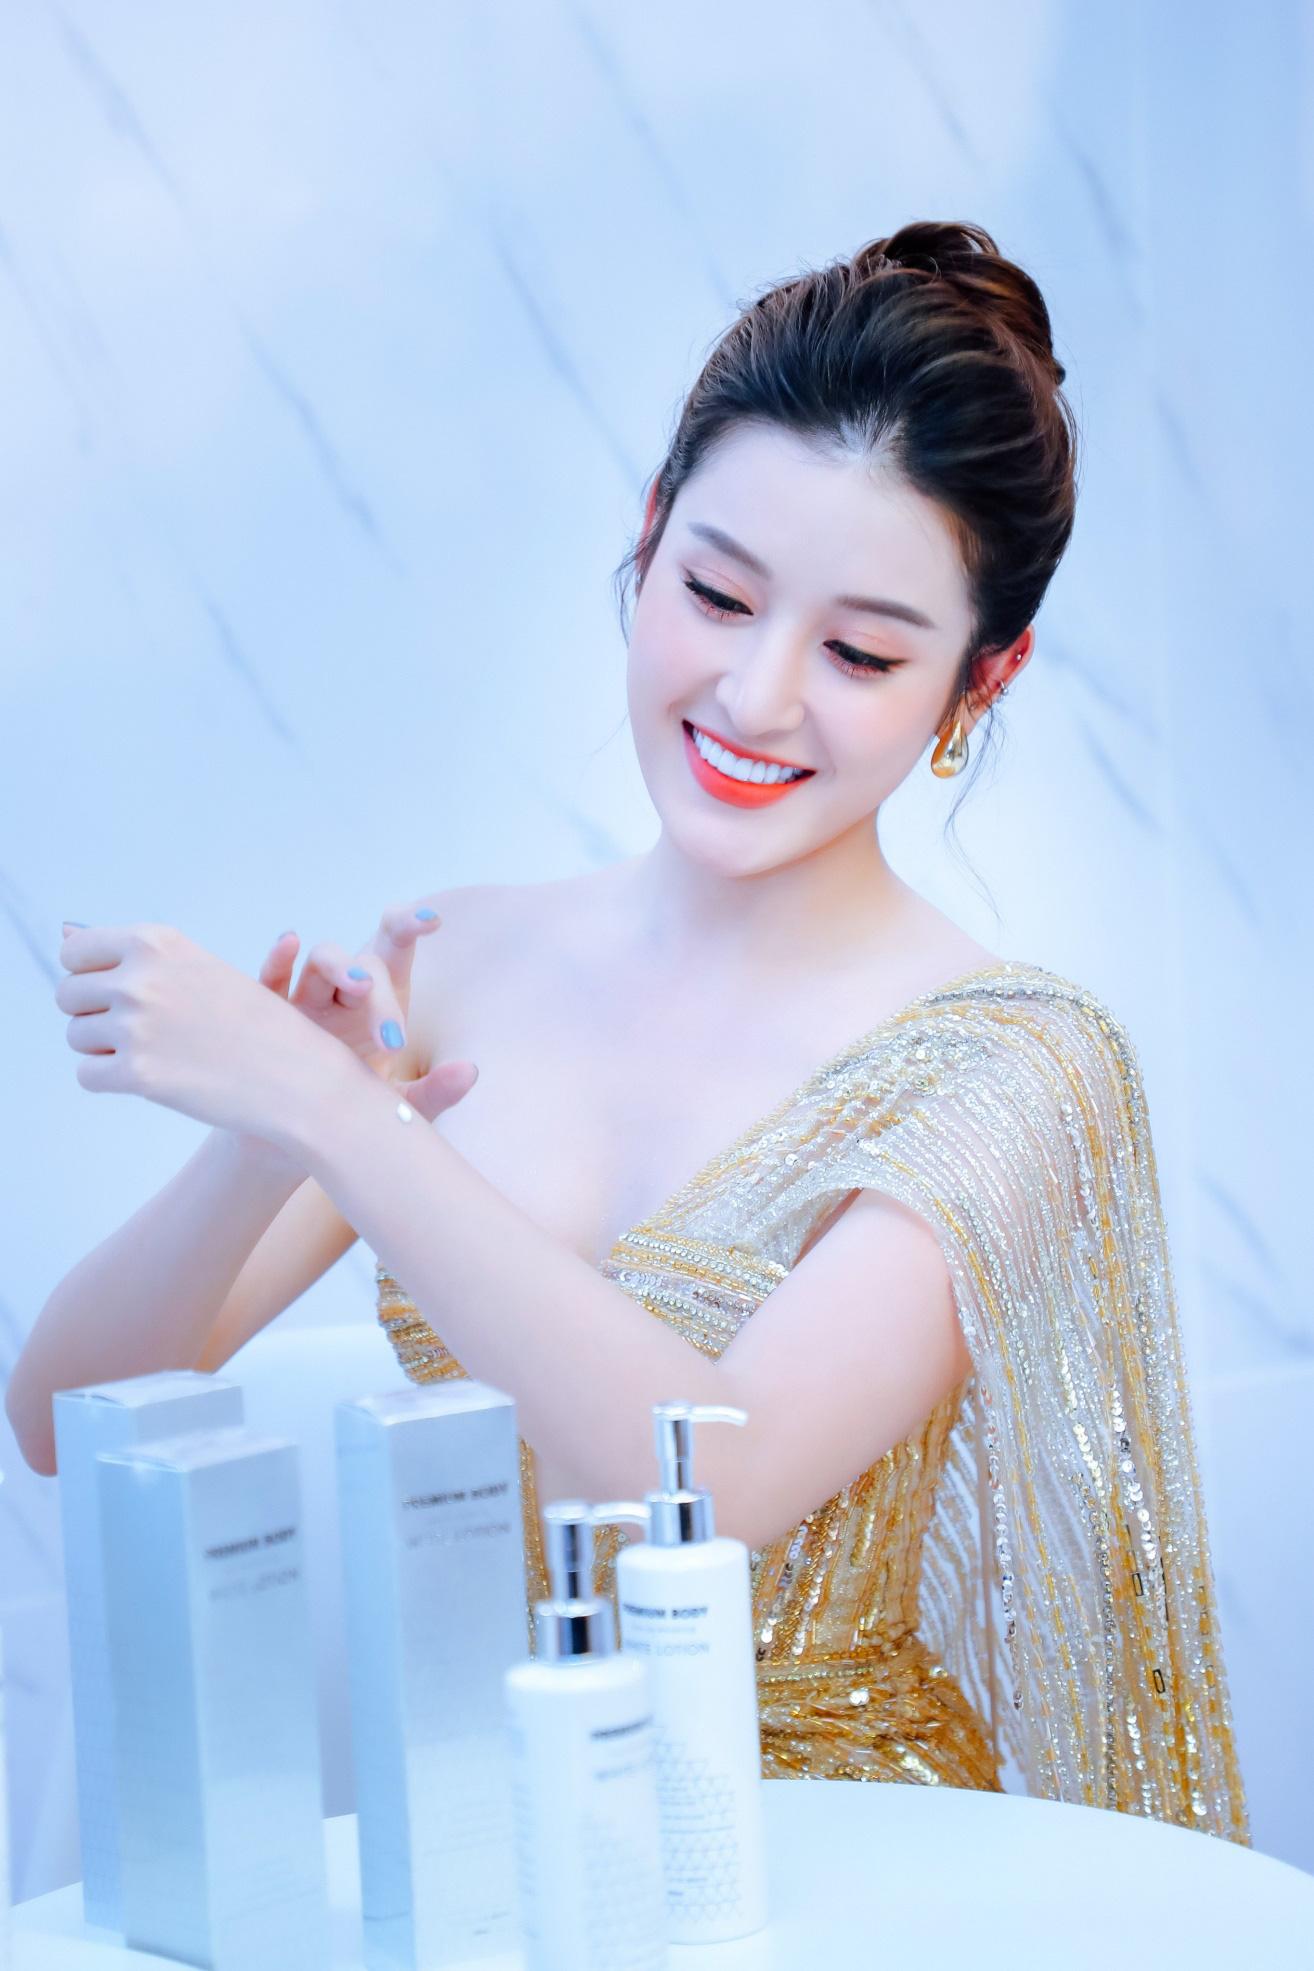 Á hậu Huyền My đồng hành cùng thương hiệu mỹ phẩm CC.WHITE ra mắt sản phẩm mới - Ảnh 5.